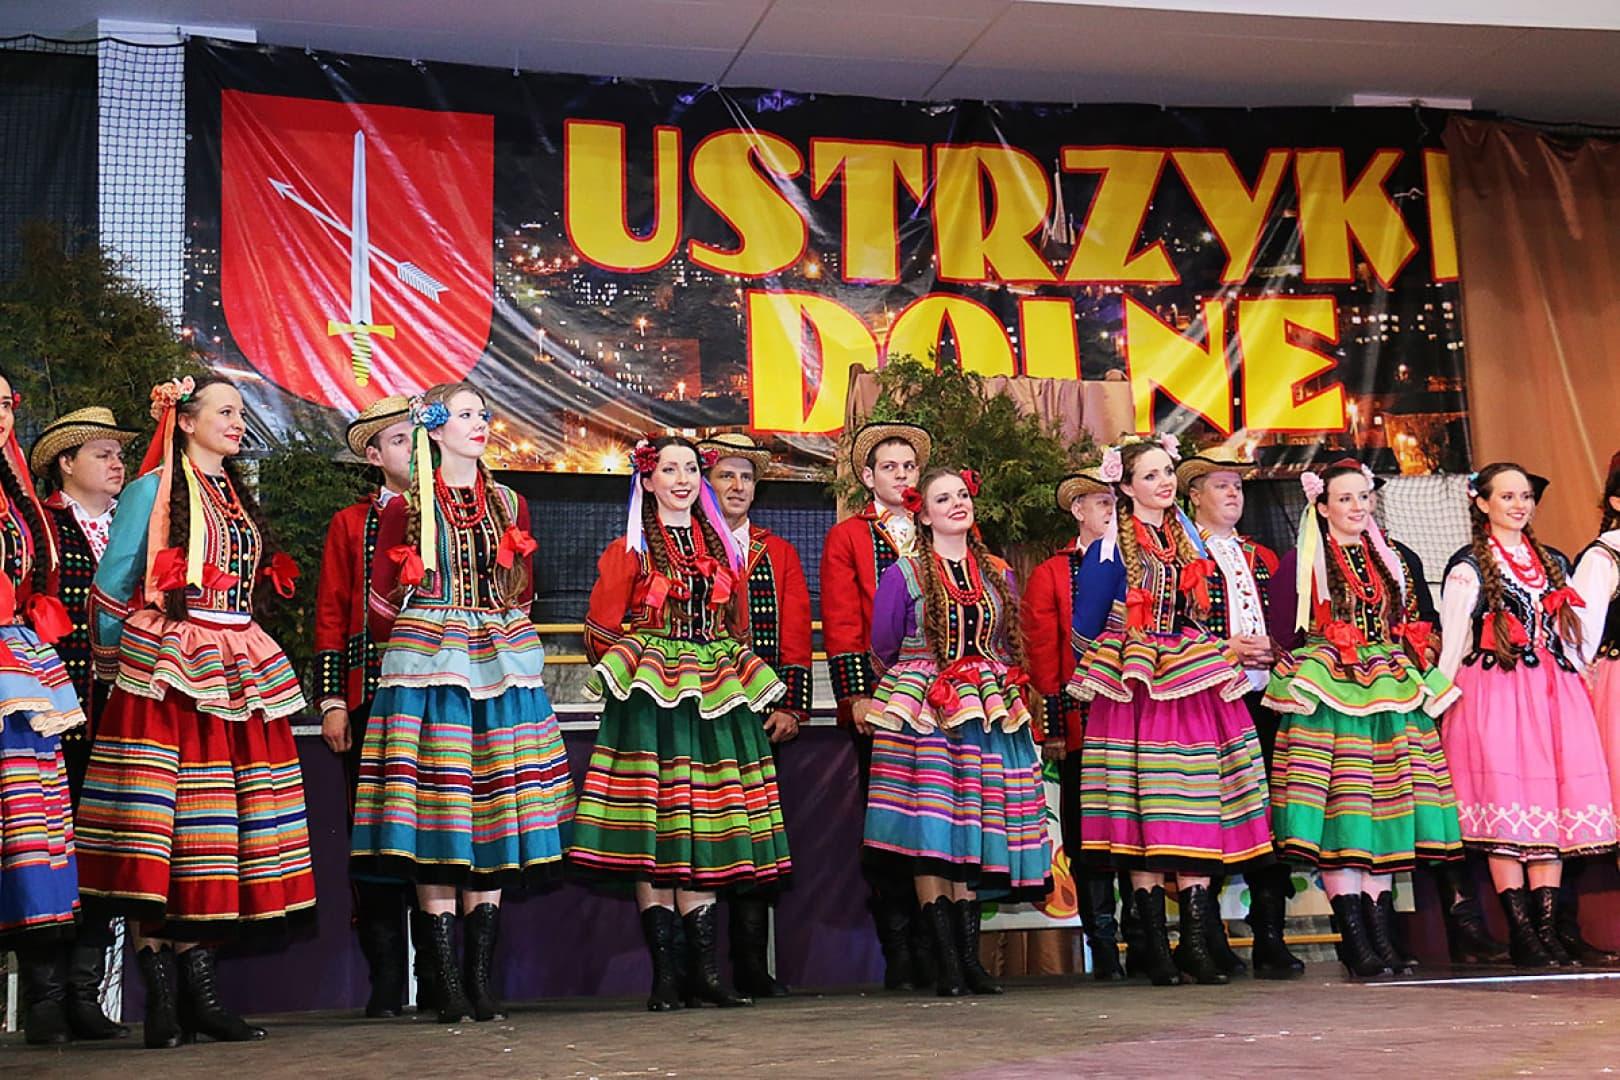 Koncert Jubileuszowy 20 lecia Zespołu Bandanki, marzec 2016 r.